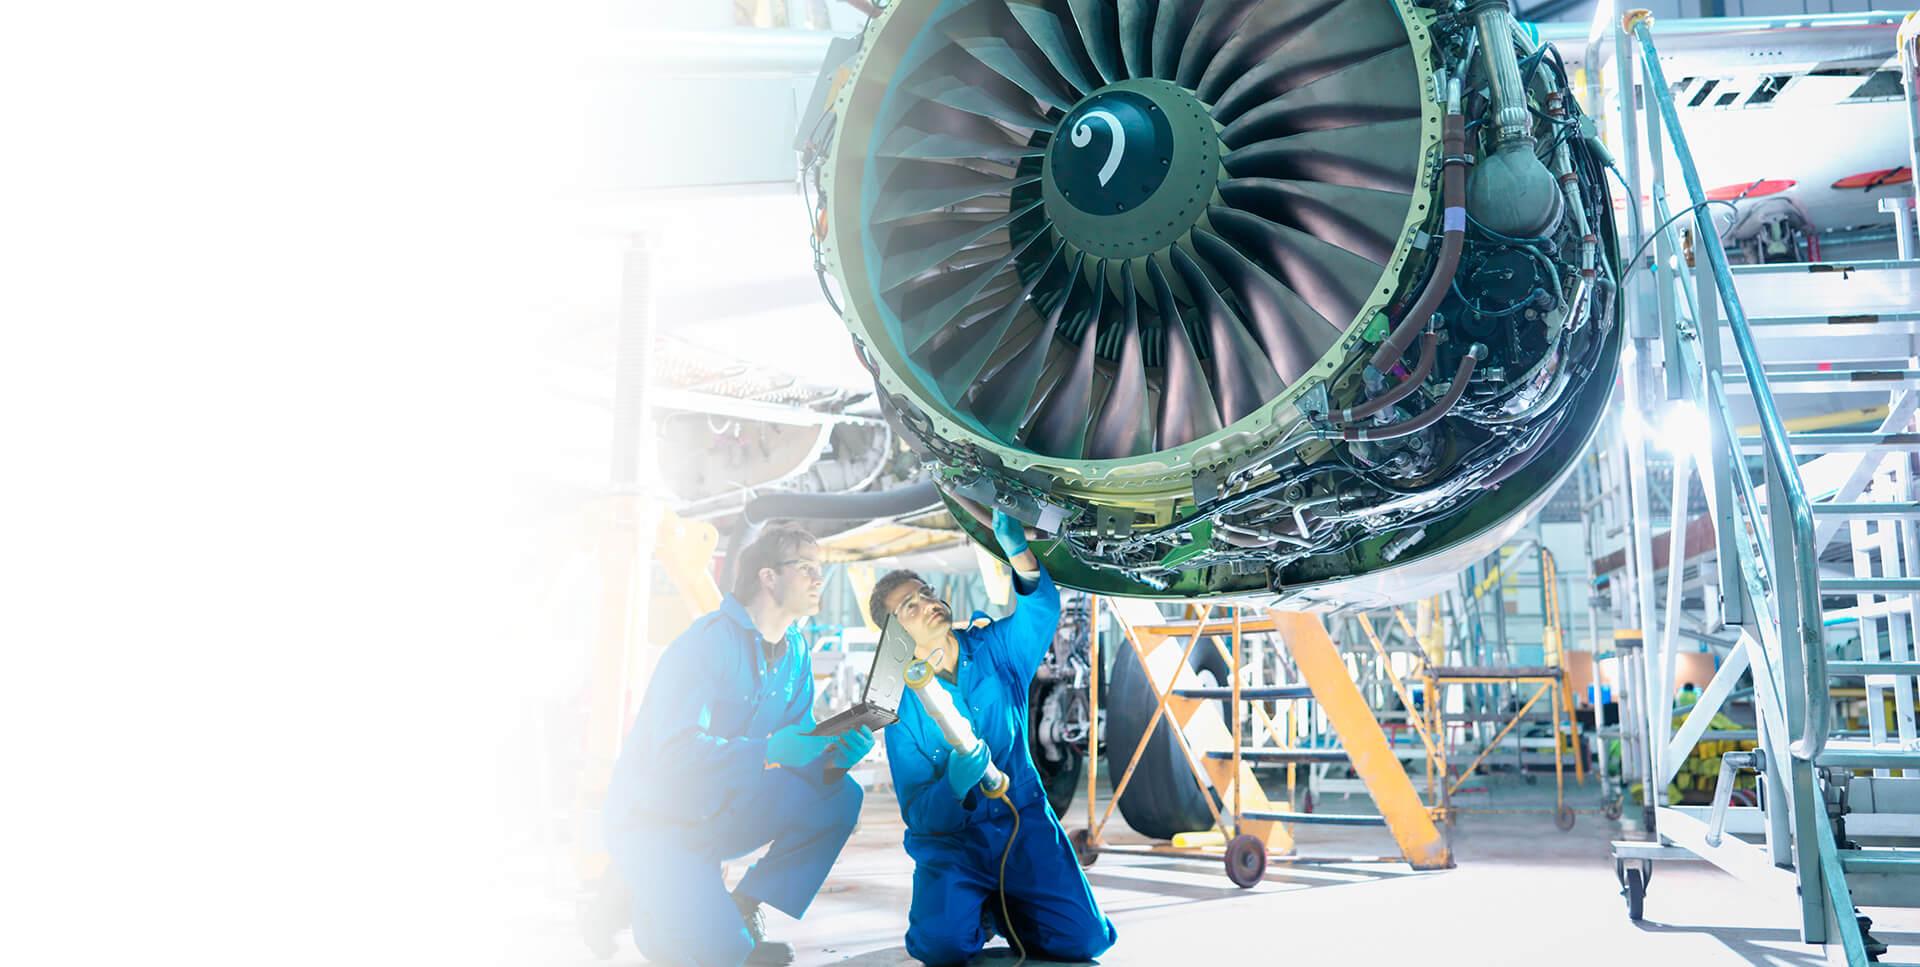 <span class='negritaslide'>Máster profesional en<br />industria e innovación<br />aeronaútica (MI2A).</span>